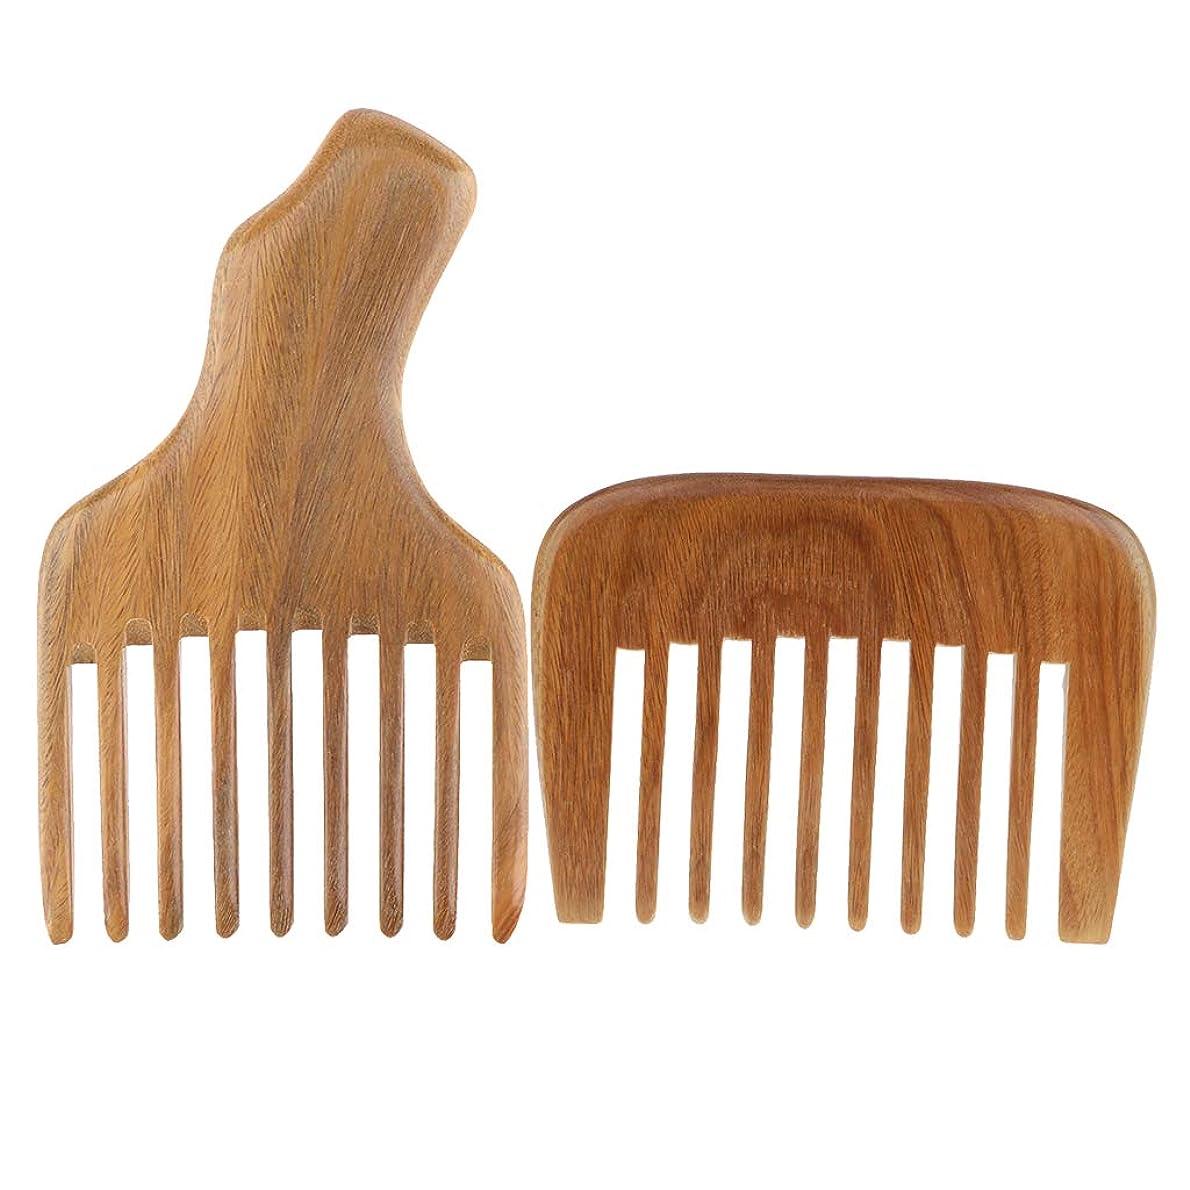 保険をかけるコンソール対DYNWAVE ウッドコーム 天然木の櫛セット 髪のマッサージの櫛 2個セット